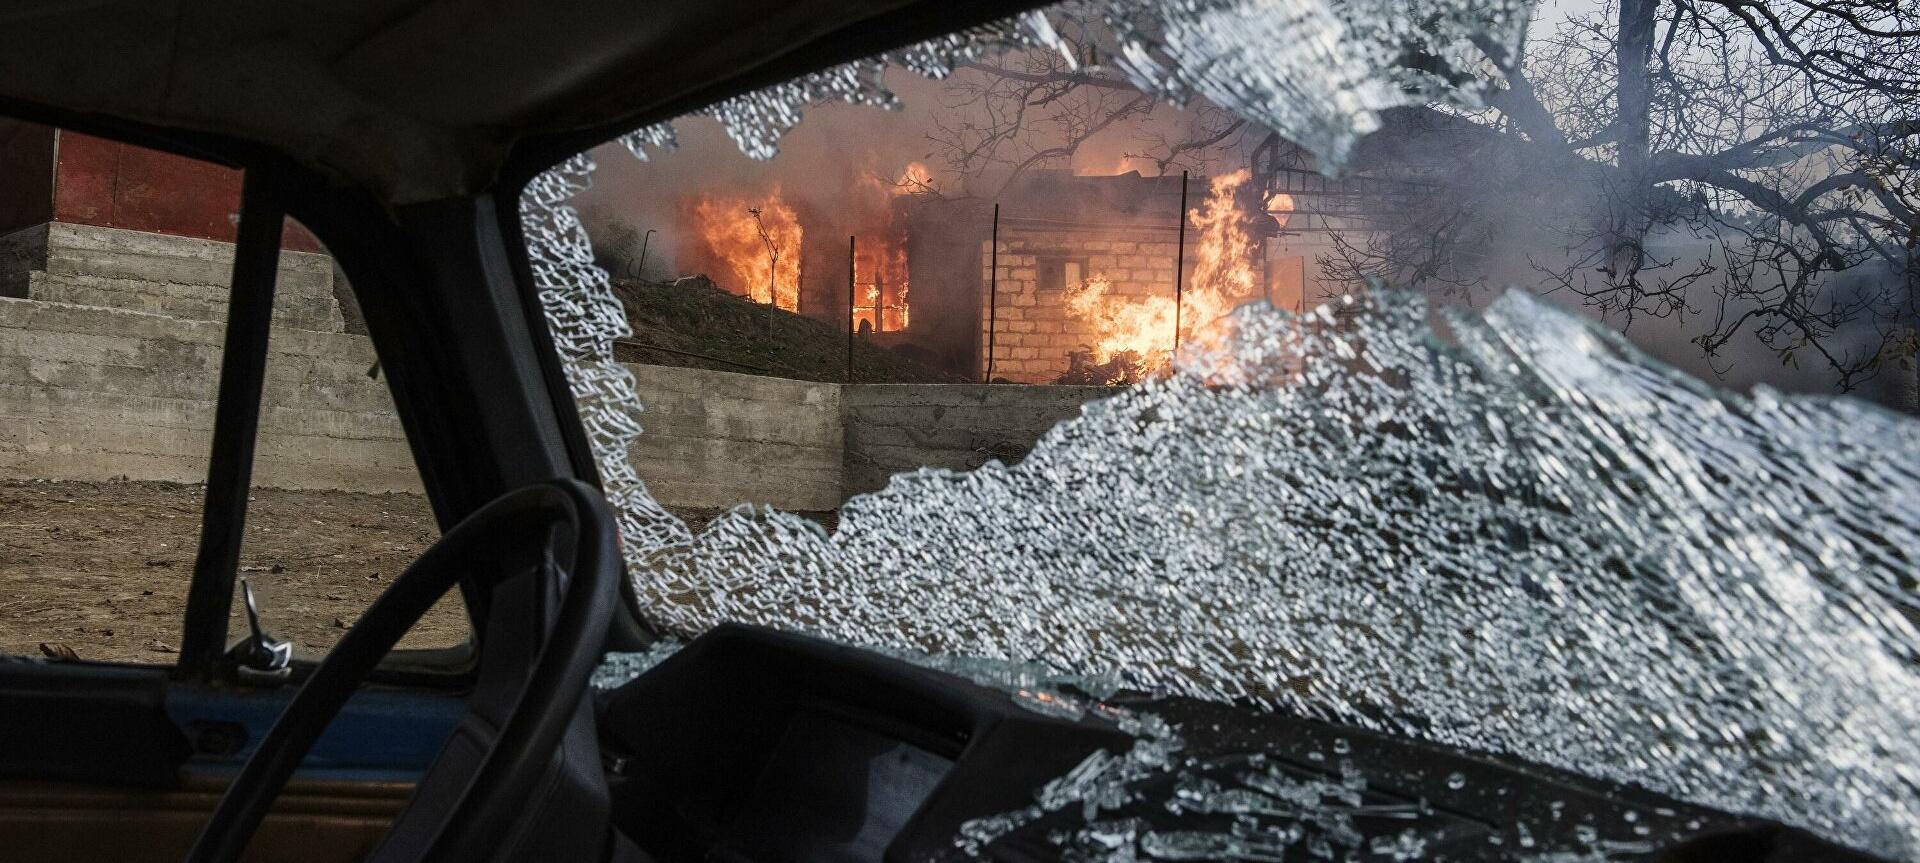 Лачин возвращен под контроль Азербайджана: уходя из города, армяне сжигали здания, видео